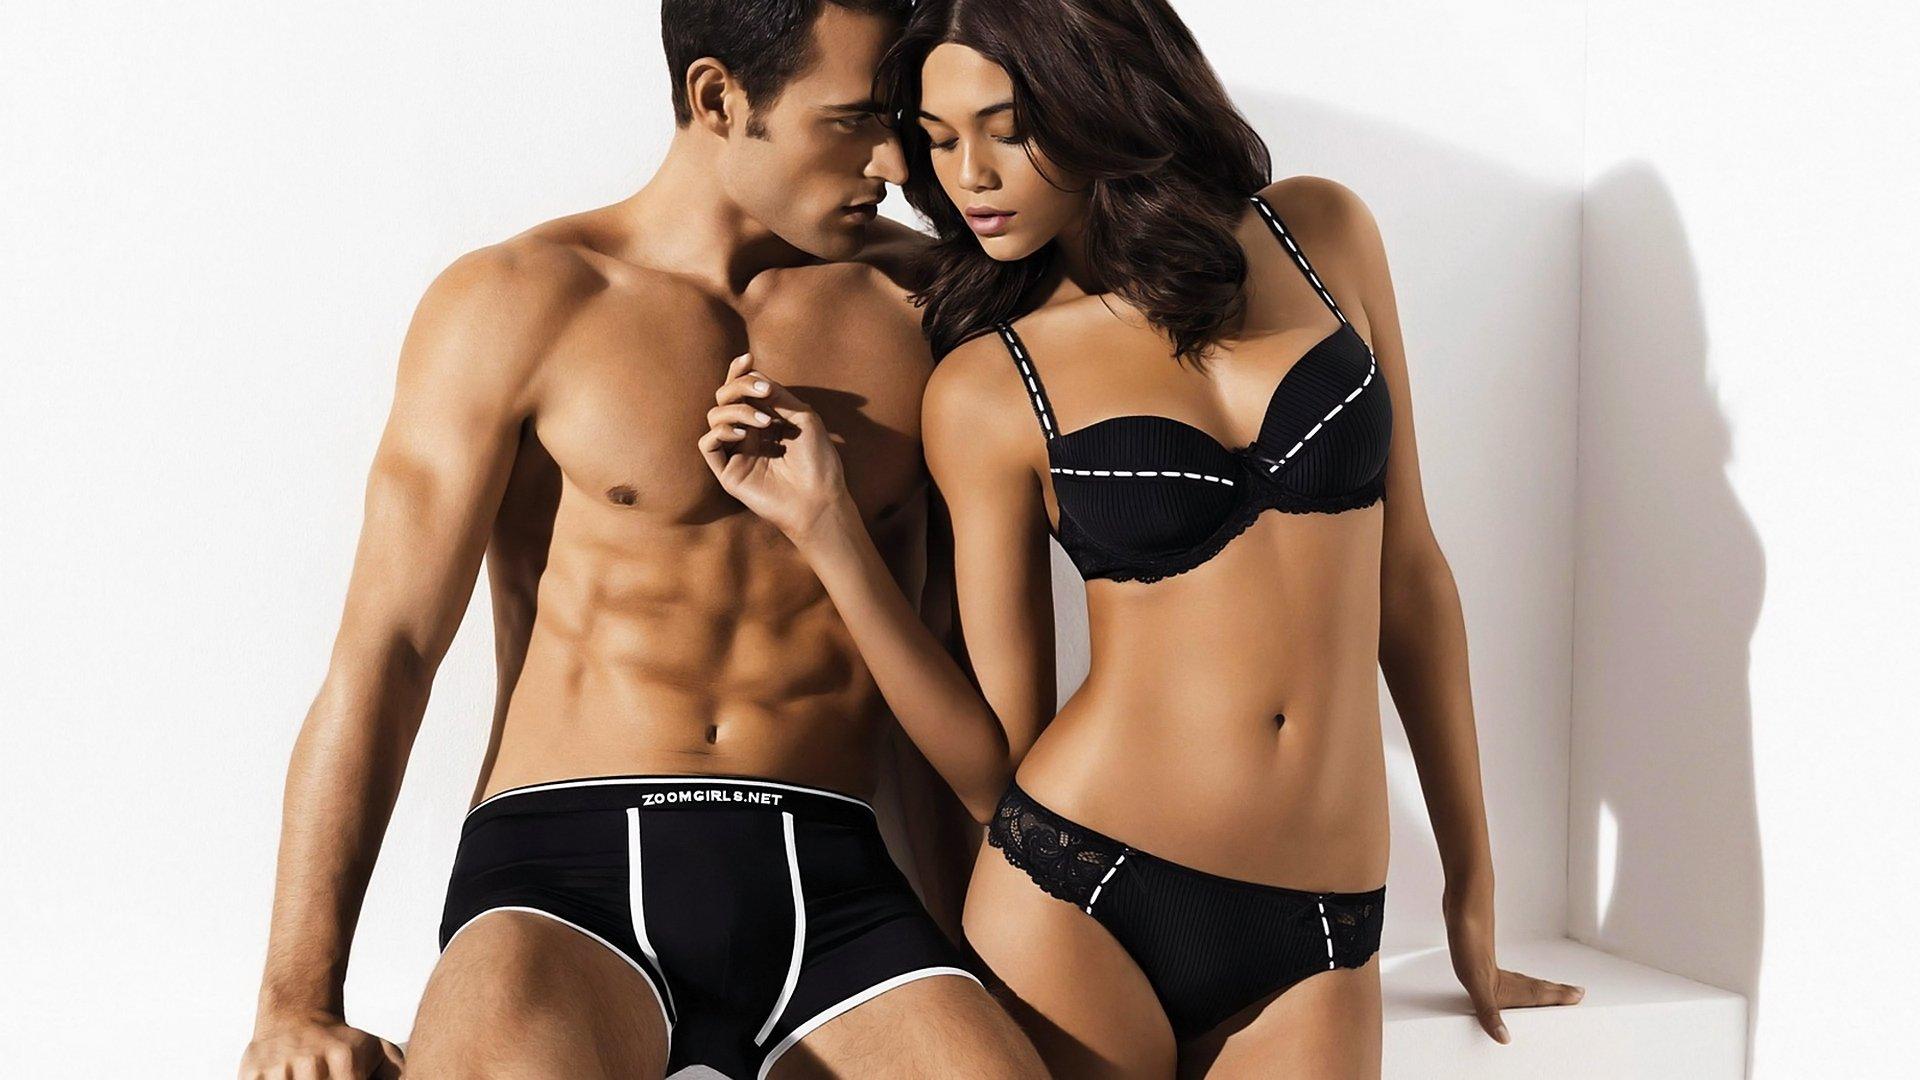 мужчина женщина отношения белье люди красивые пара HD обои для ноутбука